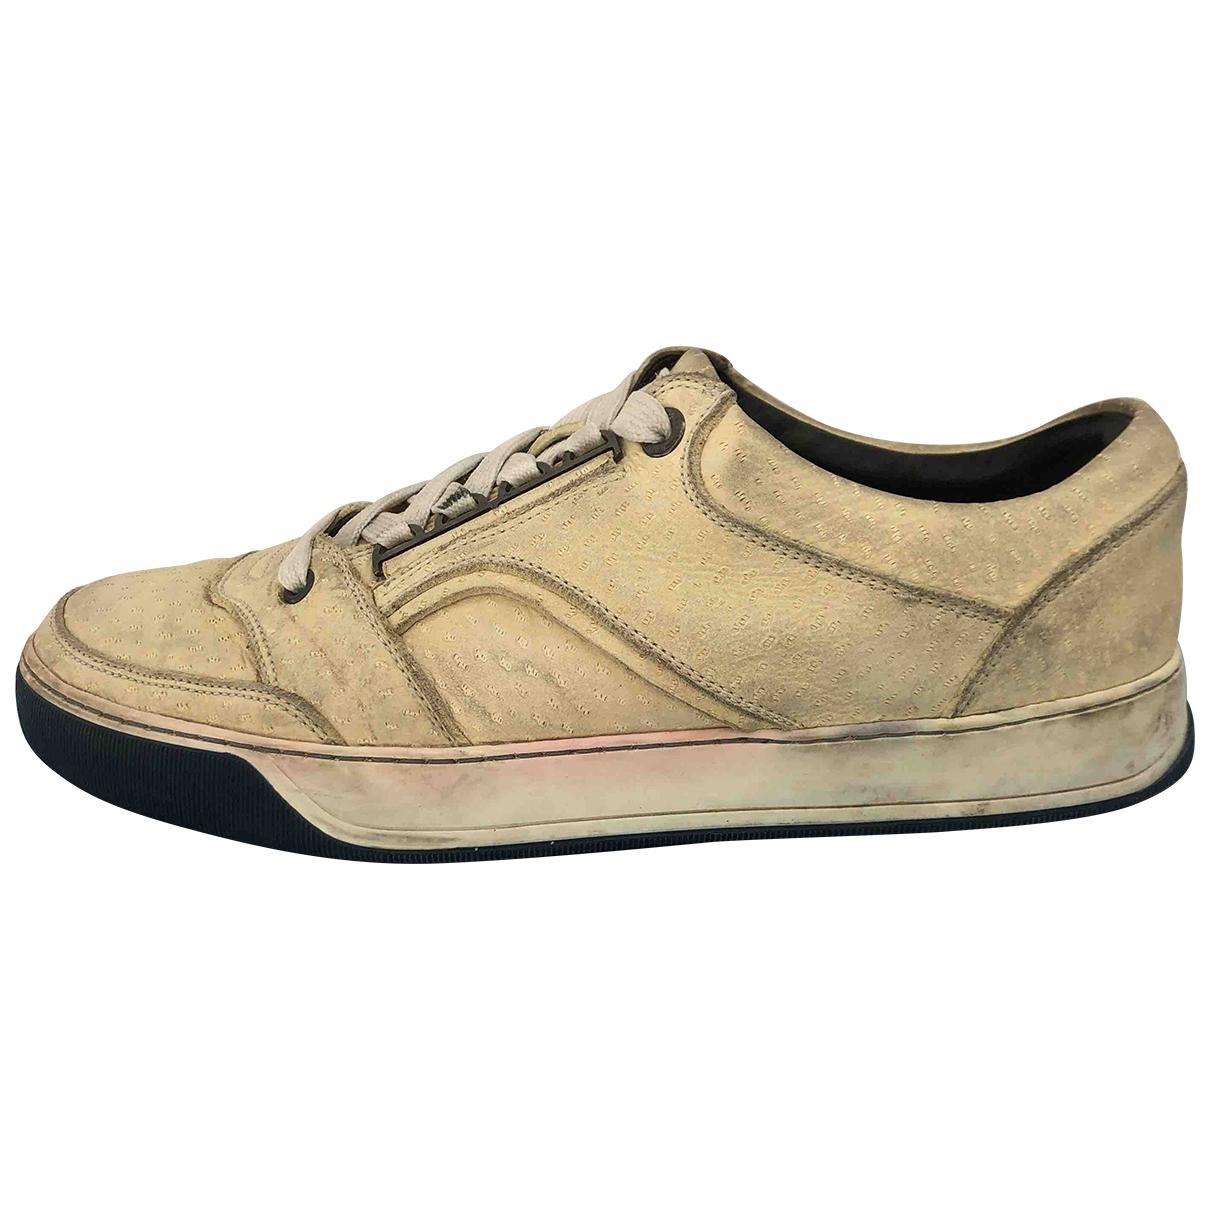 Lanvin \N Sneakers in  Ecru Leder